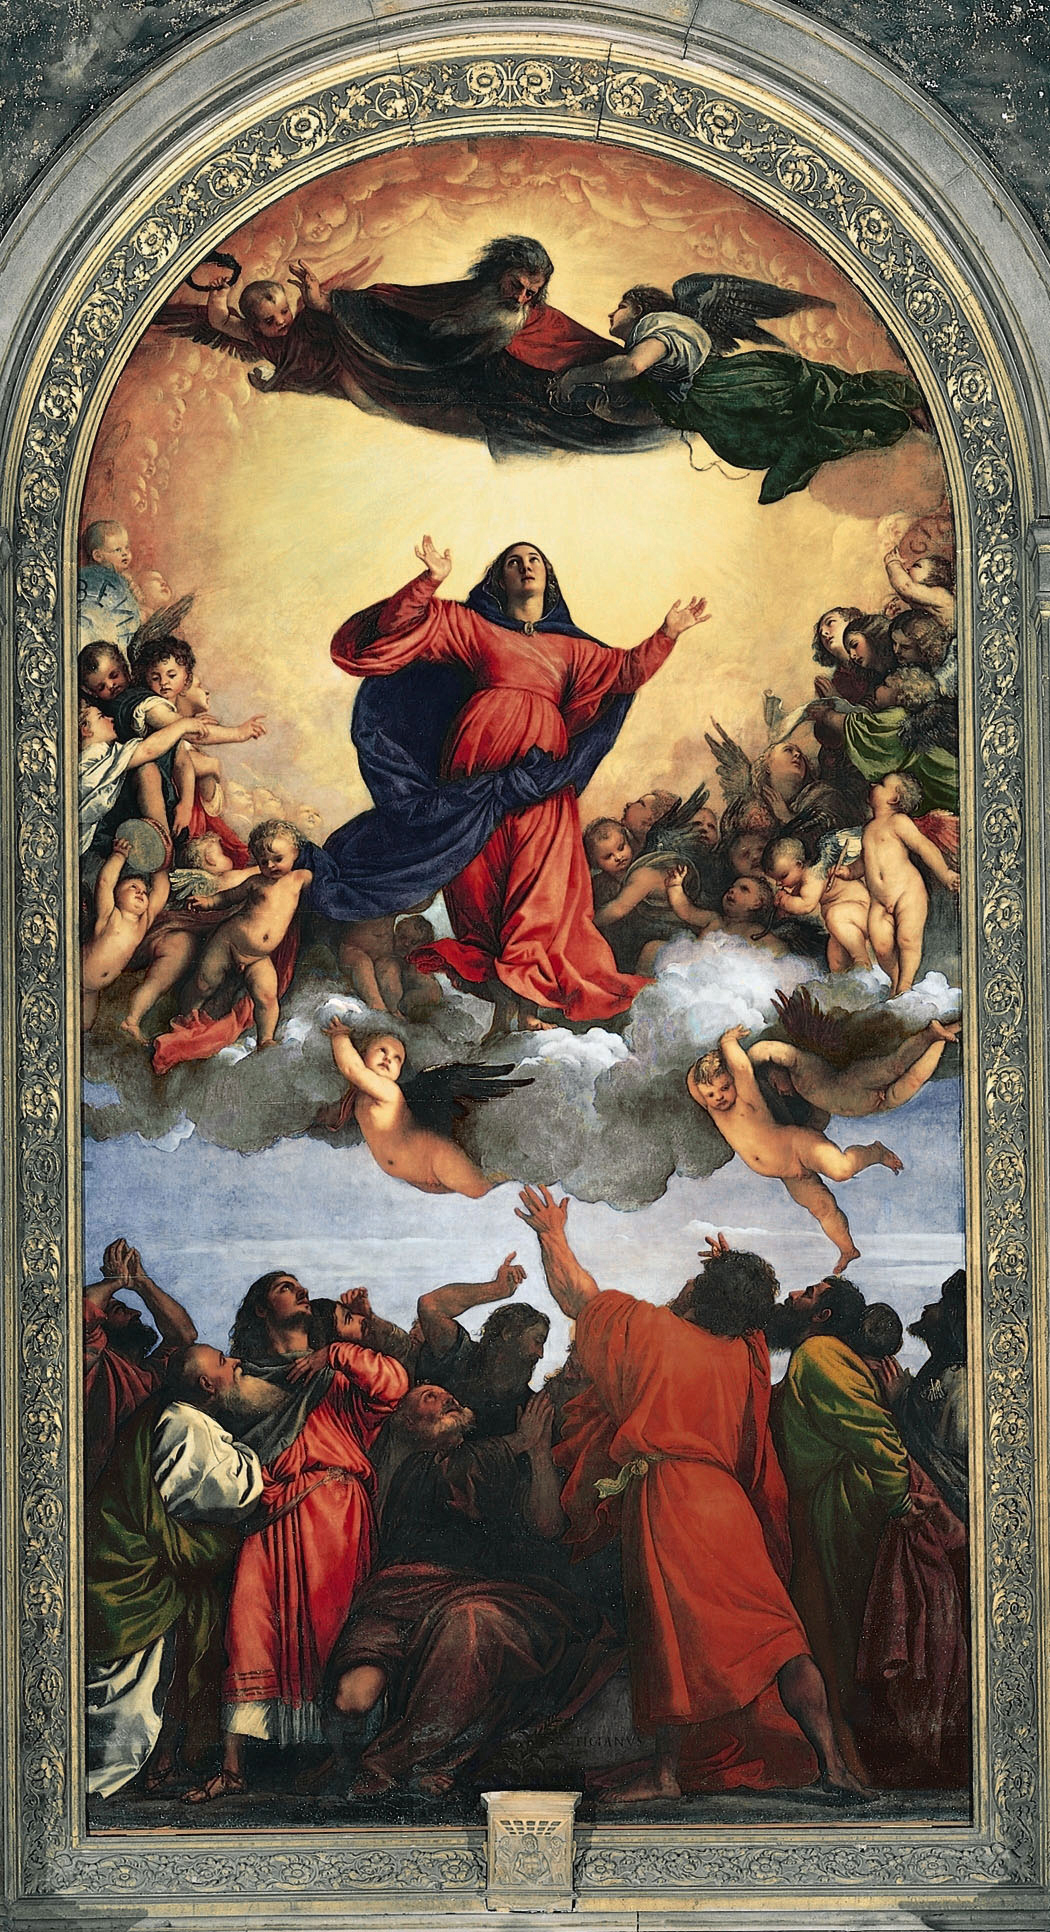 Titien 1515–1518 Assomption de la Vierge Basilica di Santa Maria Gloriosa dei Frari, Venice